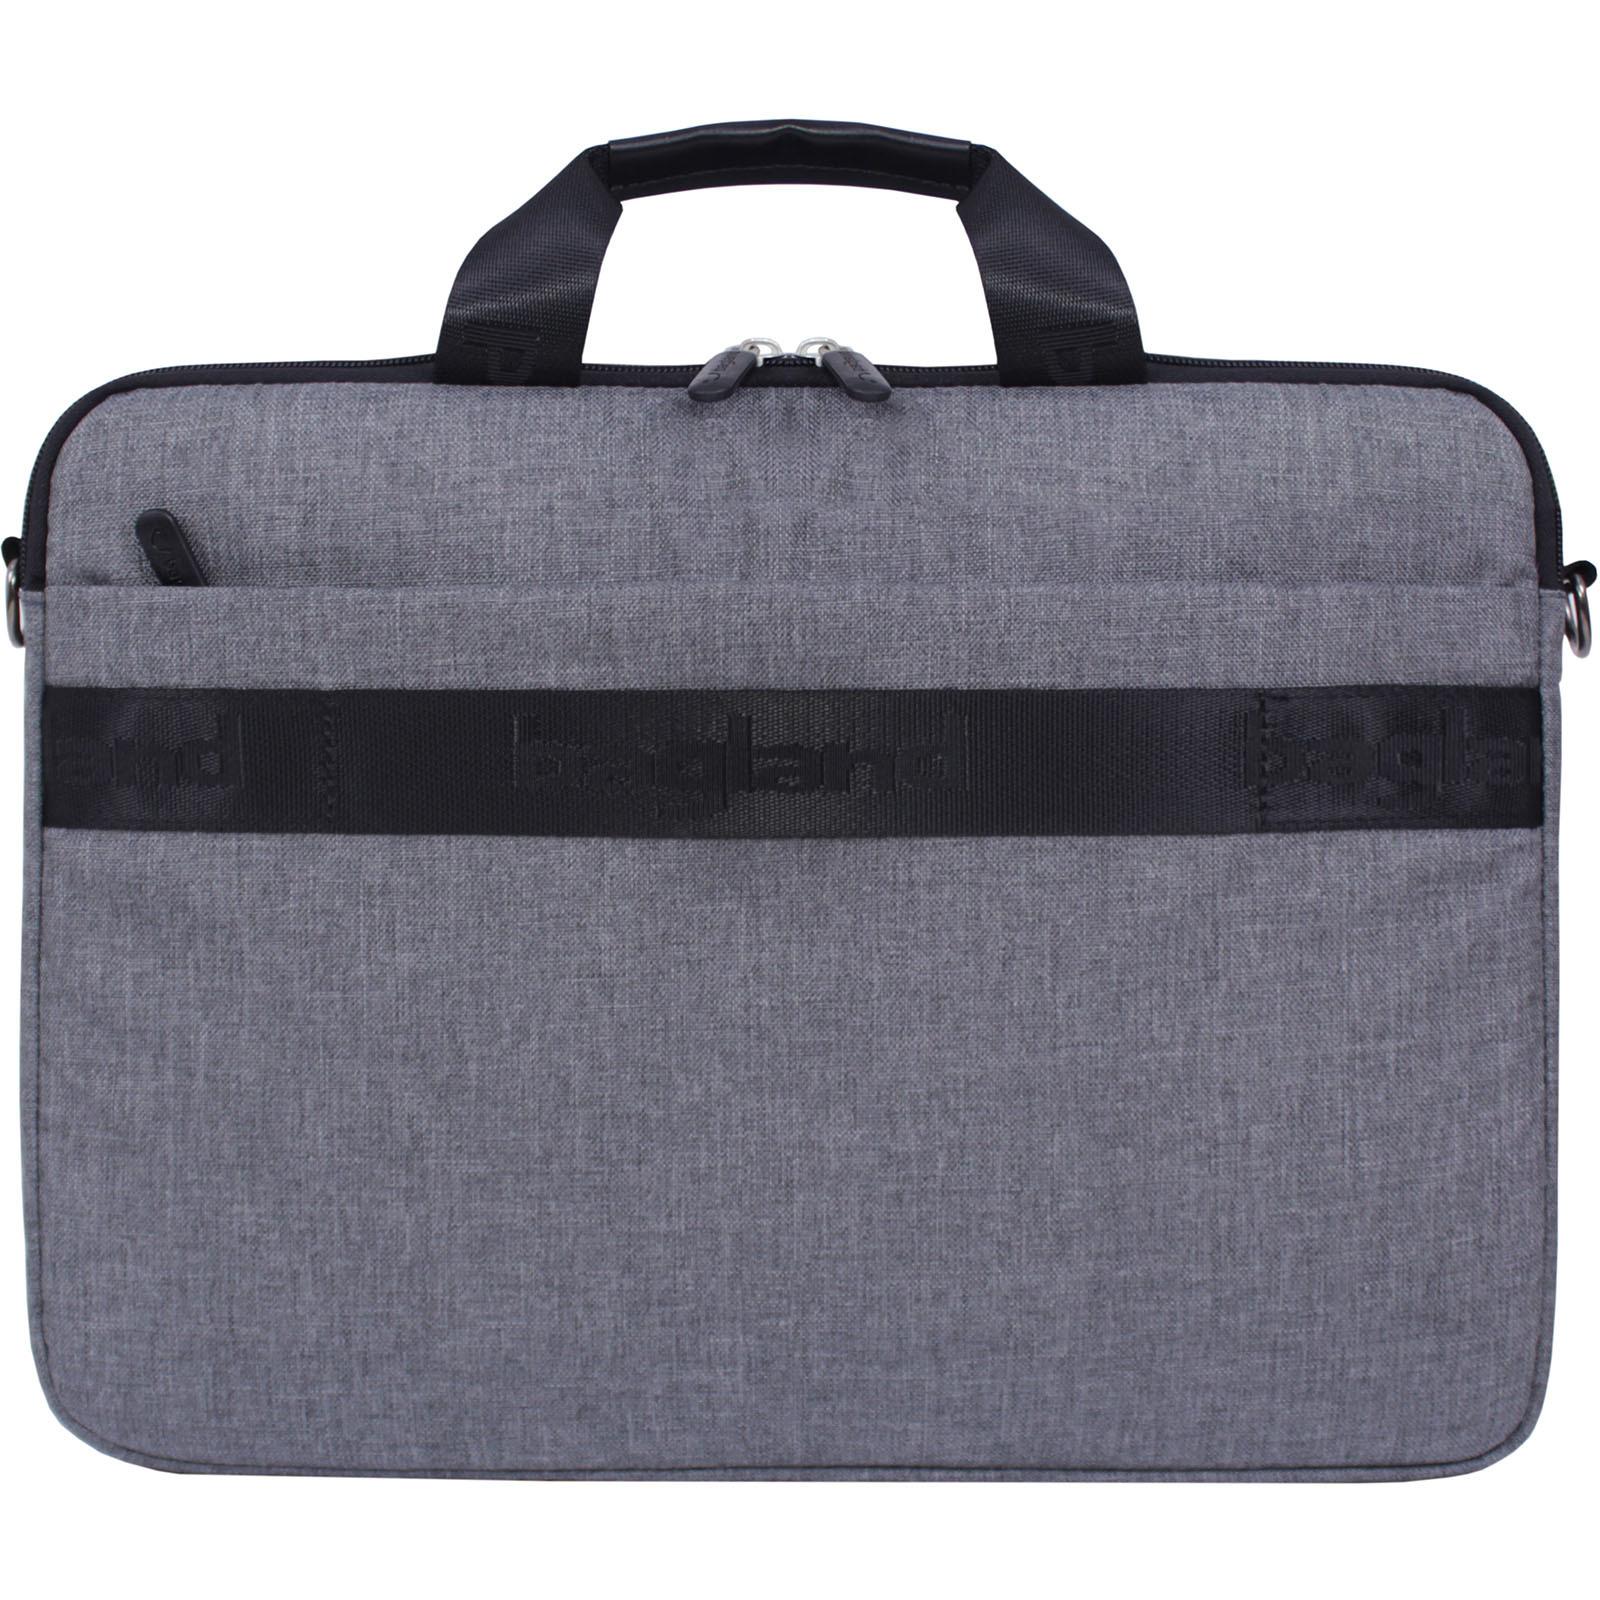 Сумка для ноутбука Bagland Континет 7 л. серый (0044069) фото 3